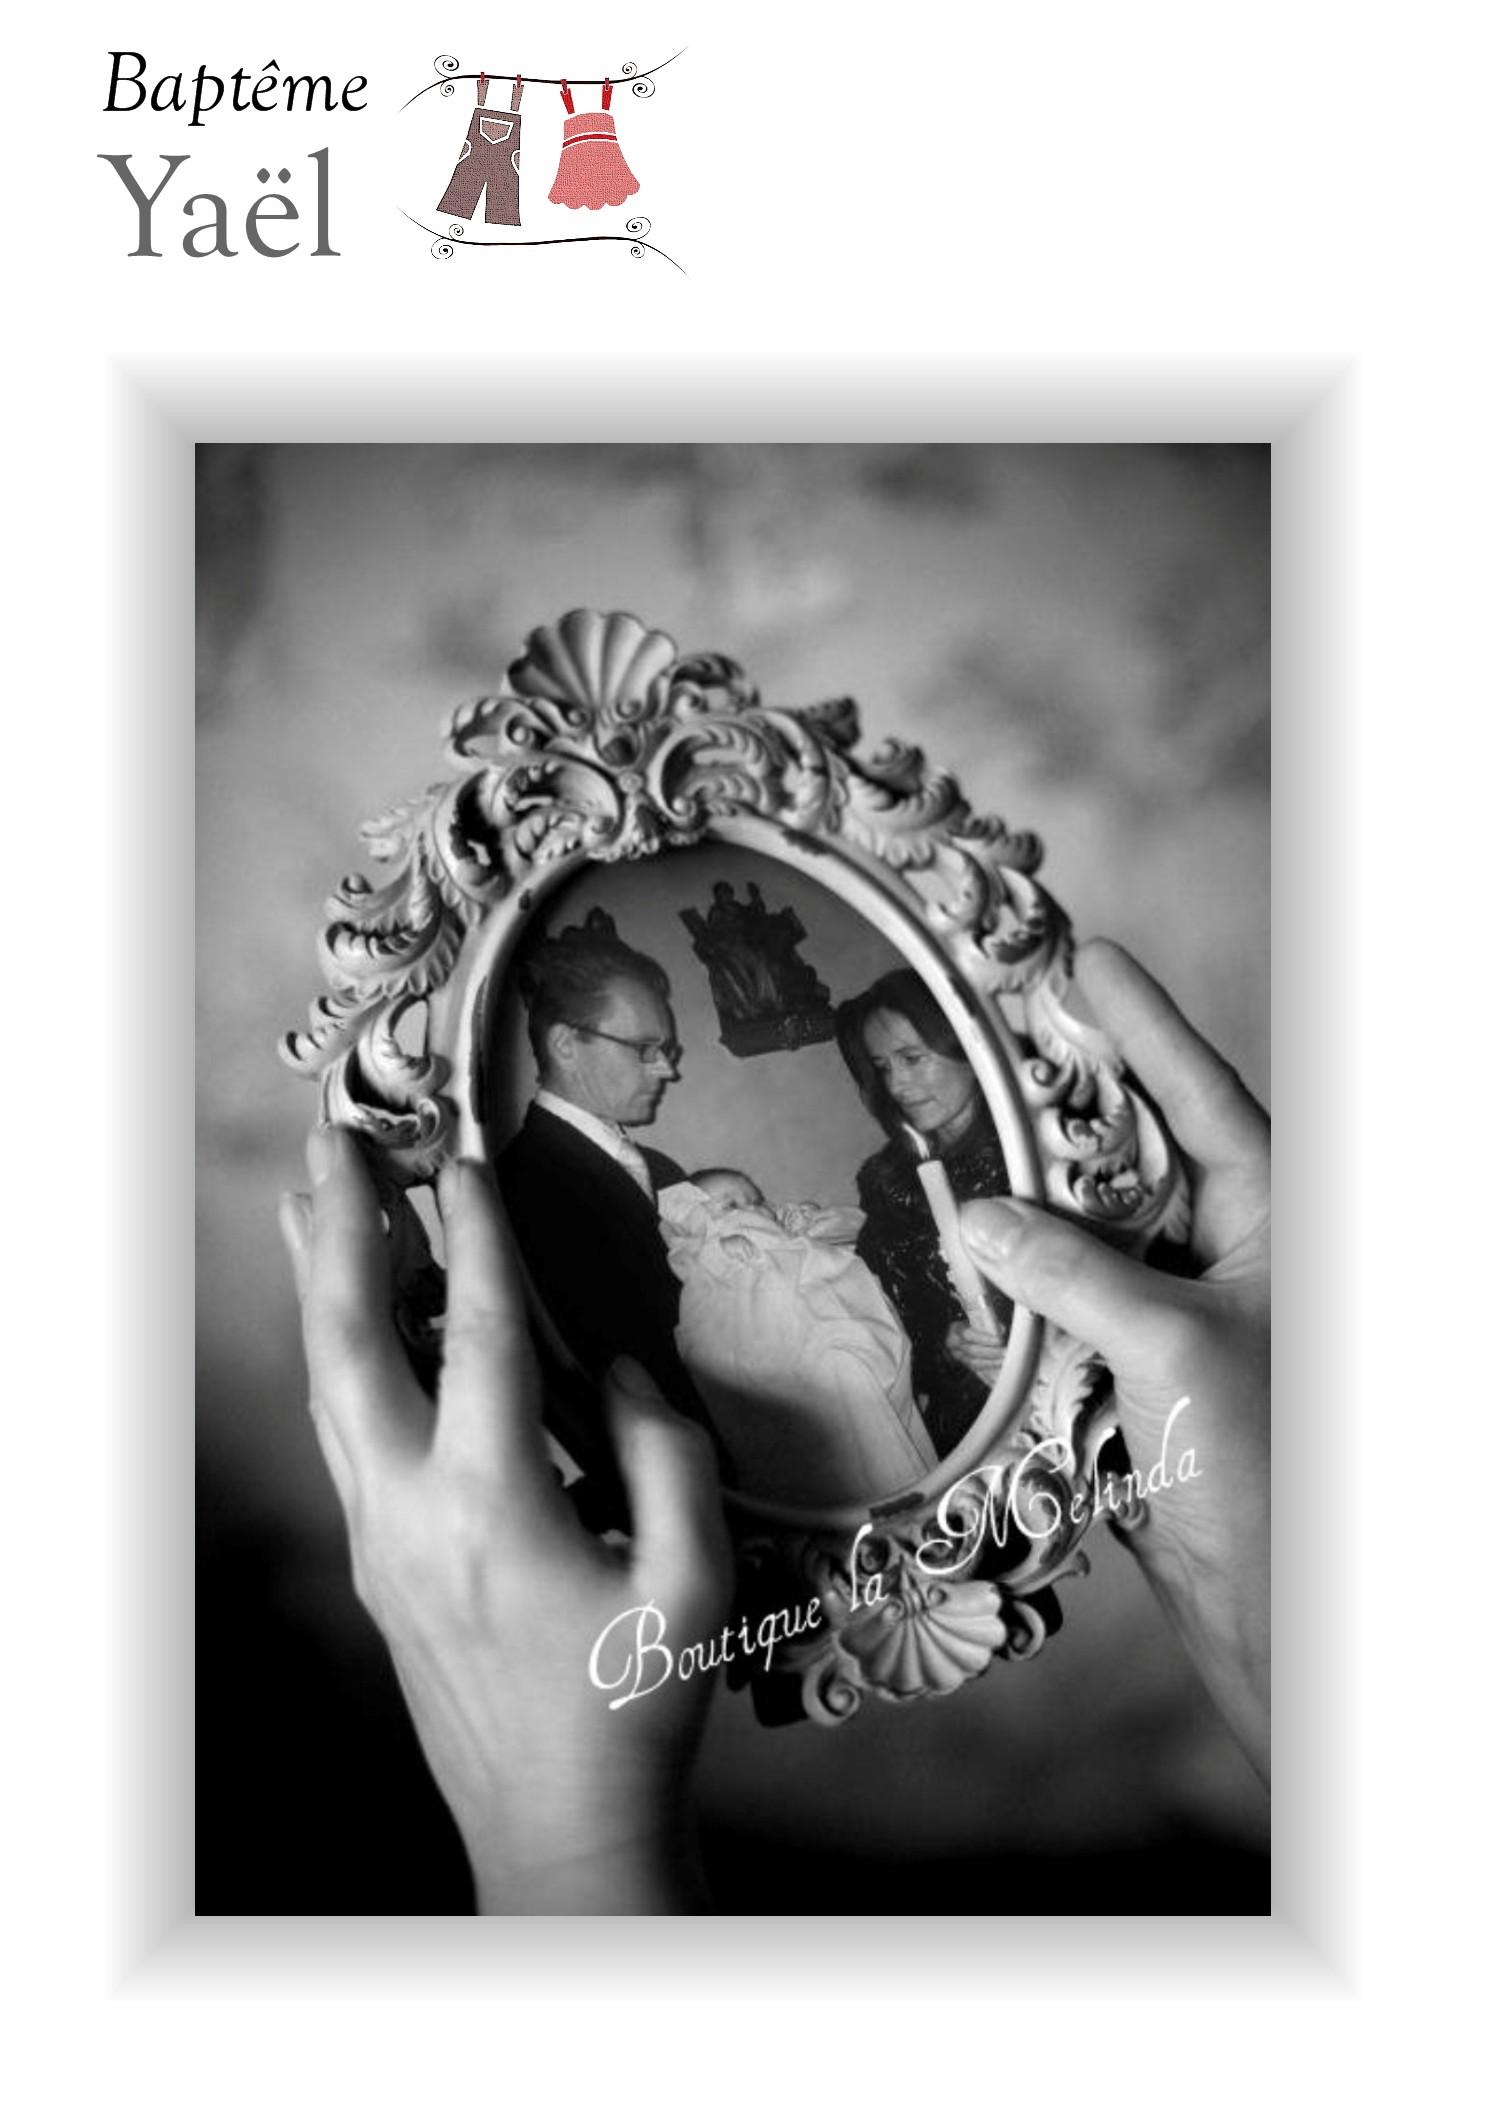 BOUTIQUE LA MELINDA CEREMONIE BAPTEME ENFANT COLLECTION PORTUGAISE PHOTO album 6.jpg